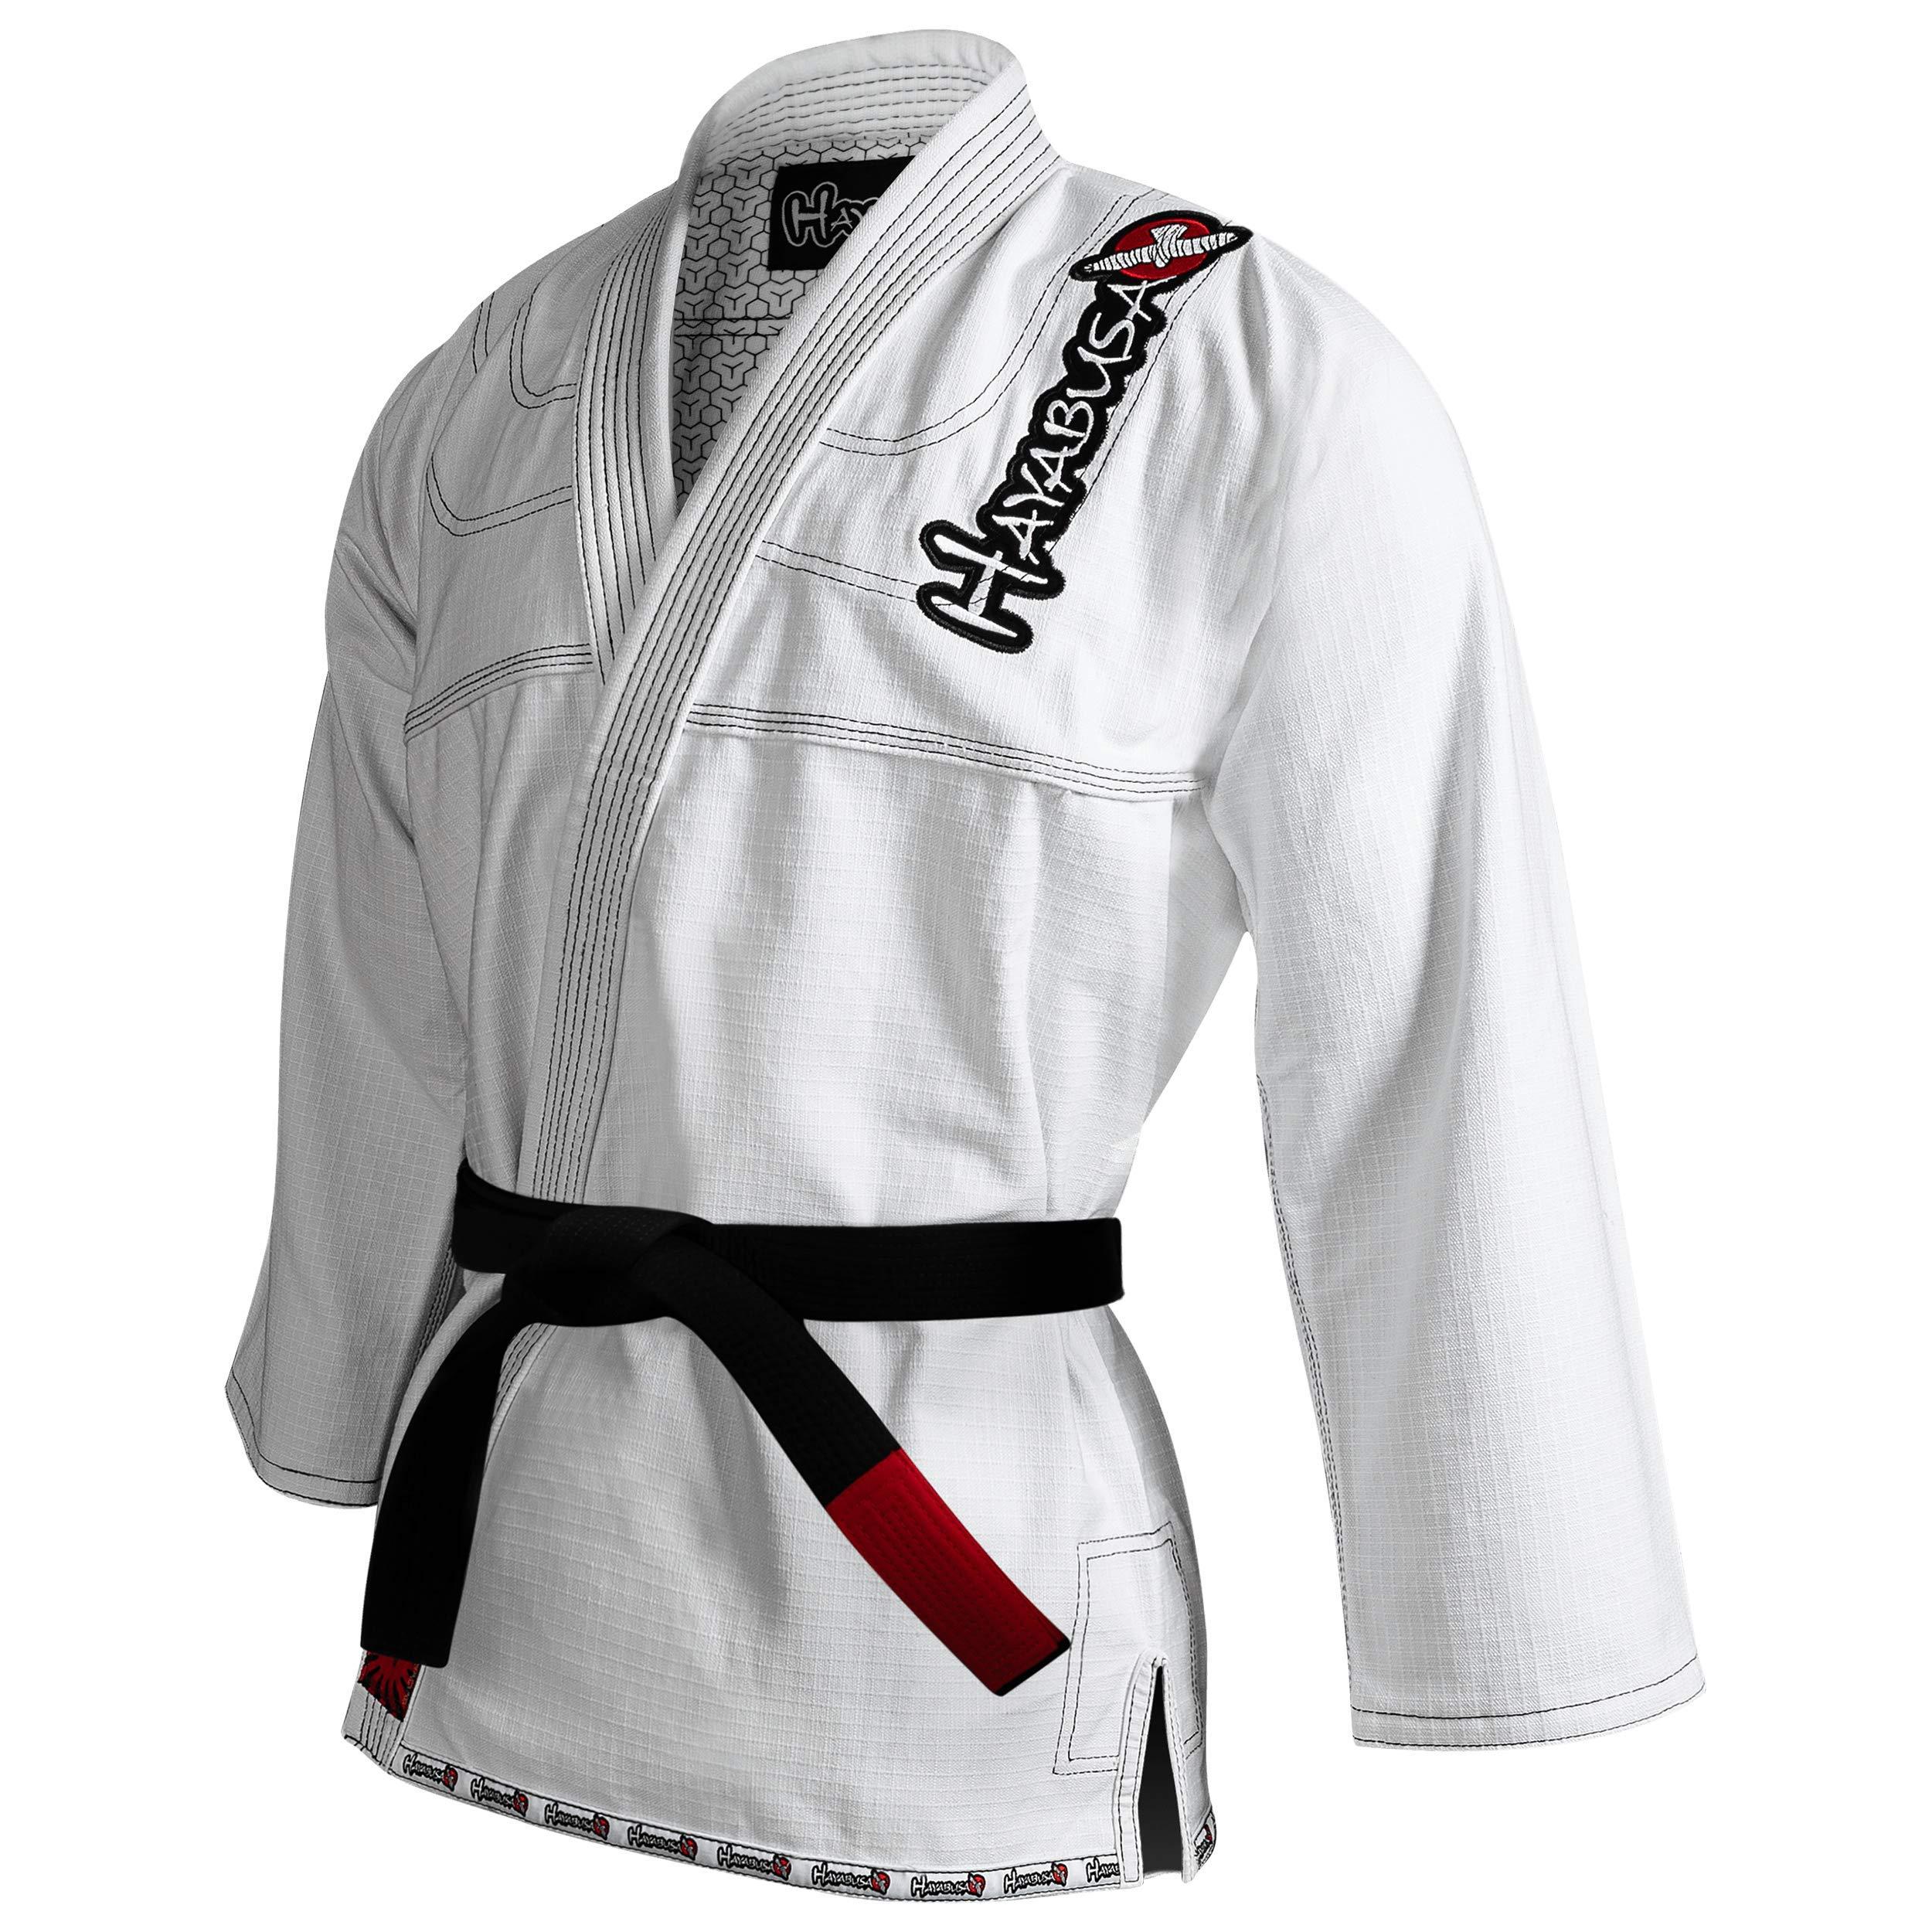 Hayabusa BJJ Gi | Adult Pro Jiu Jitsu Gi - Jacket Only | White, A4 by Hayabusa